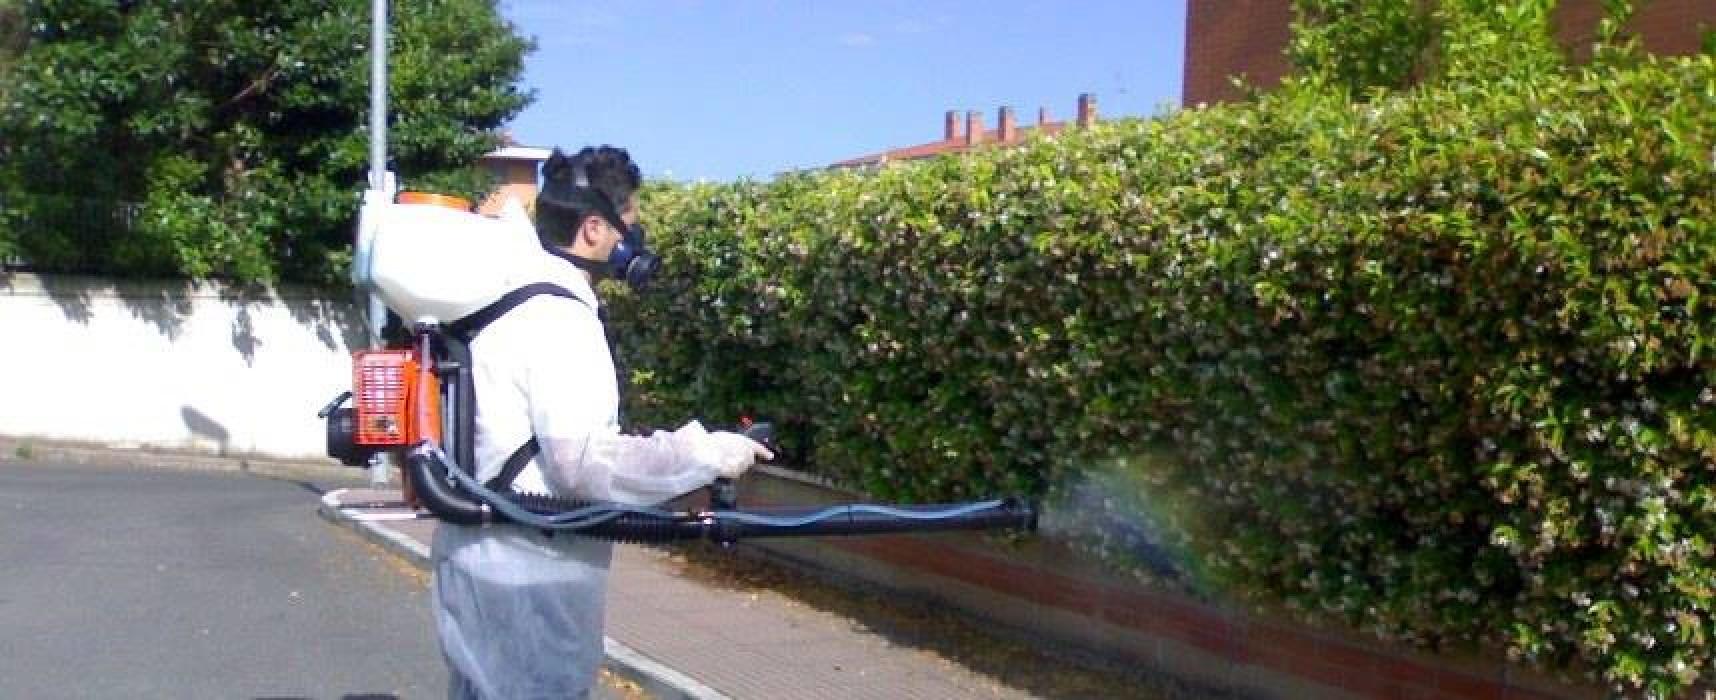 Interventi di disinfestazione contro ratti e blatte da oggi a venerdì 19 ottobre